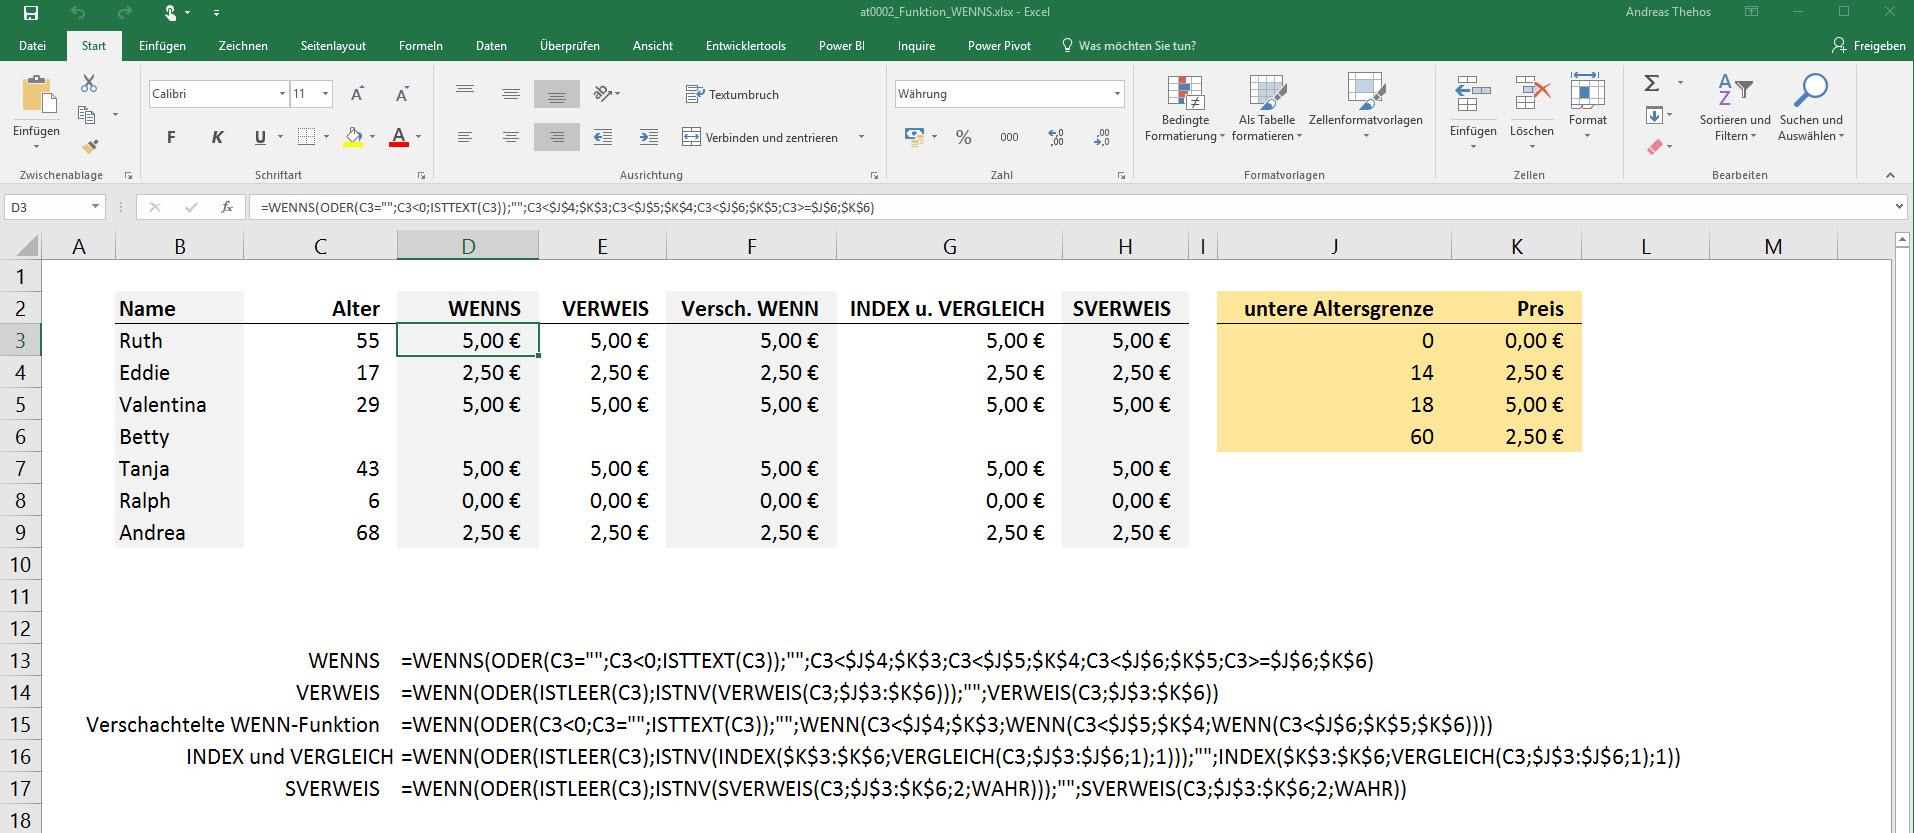 WENNS_Excel.jpg